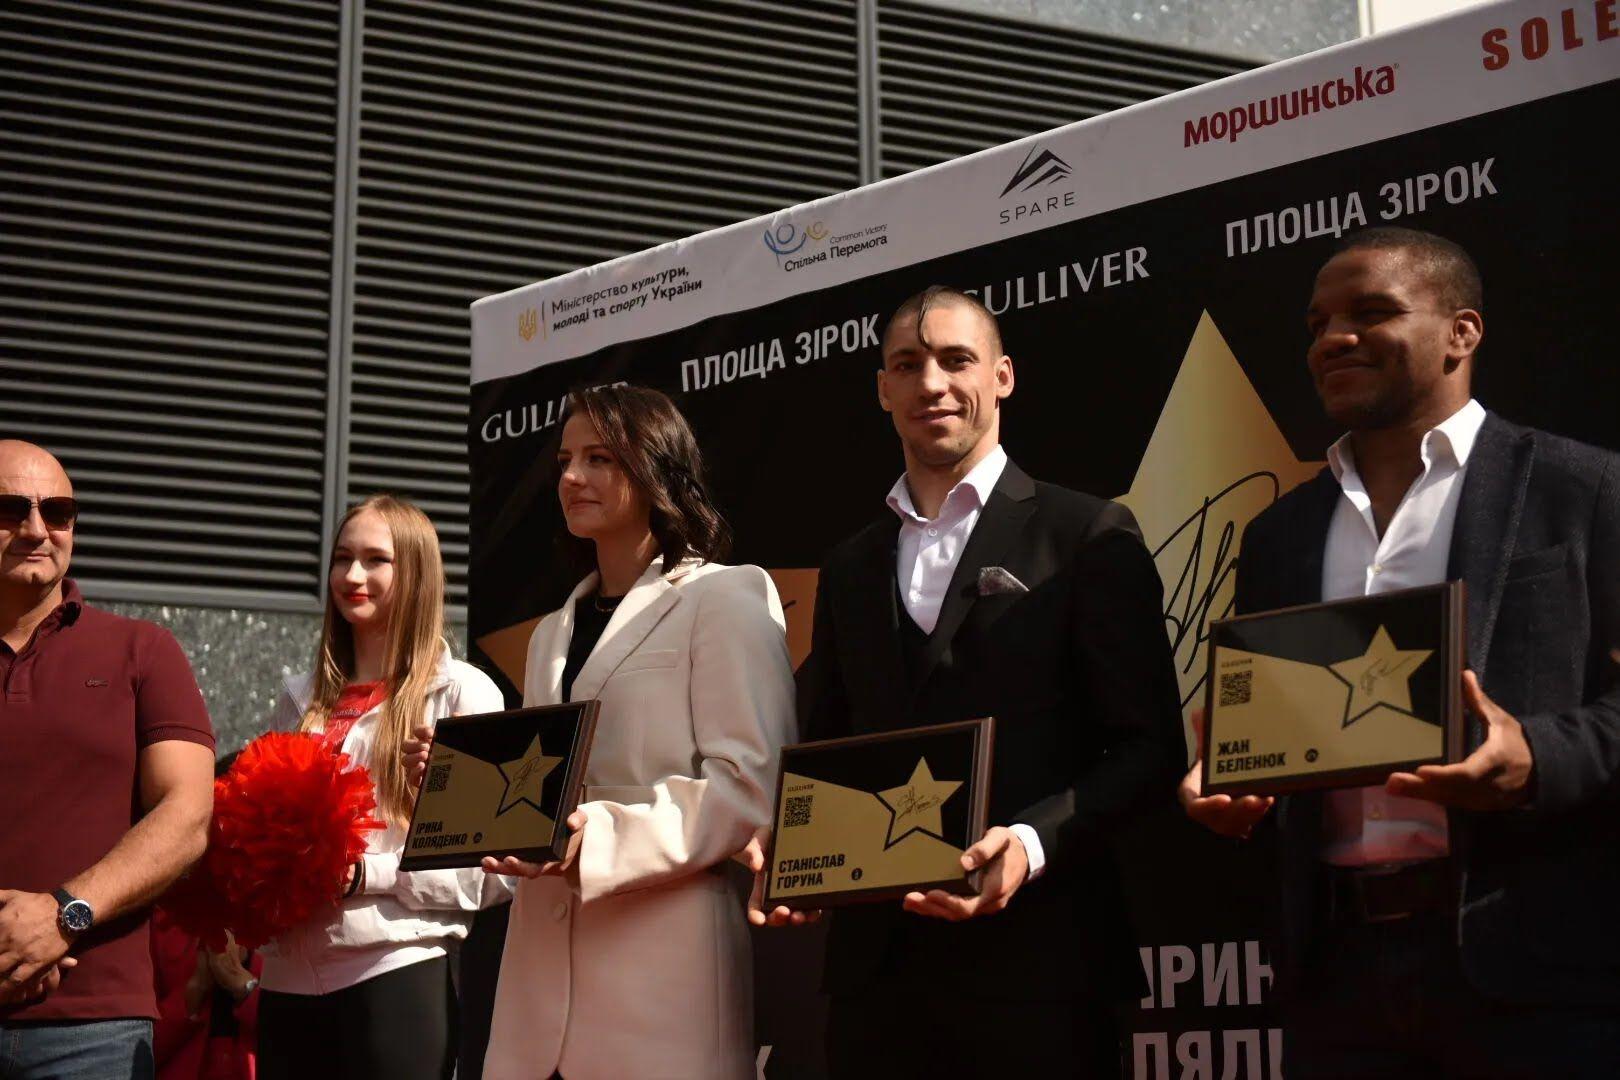 Станислав Горун, Ирина Коляденко и Жан Беленюк получили звезды на Площади